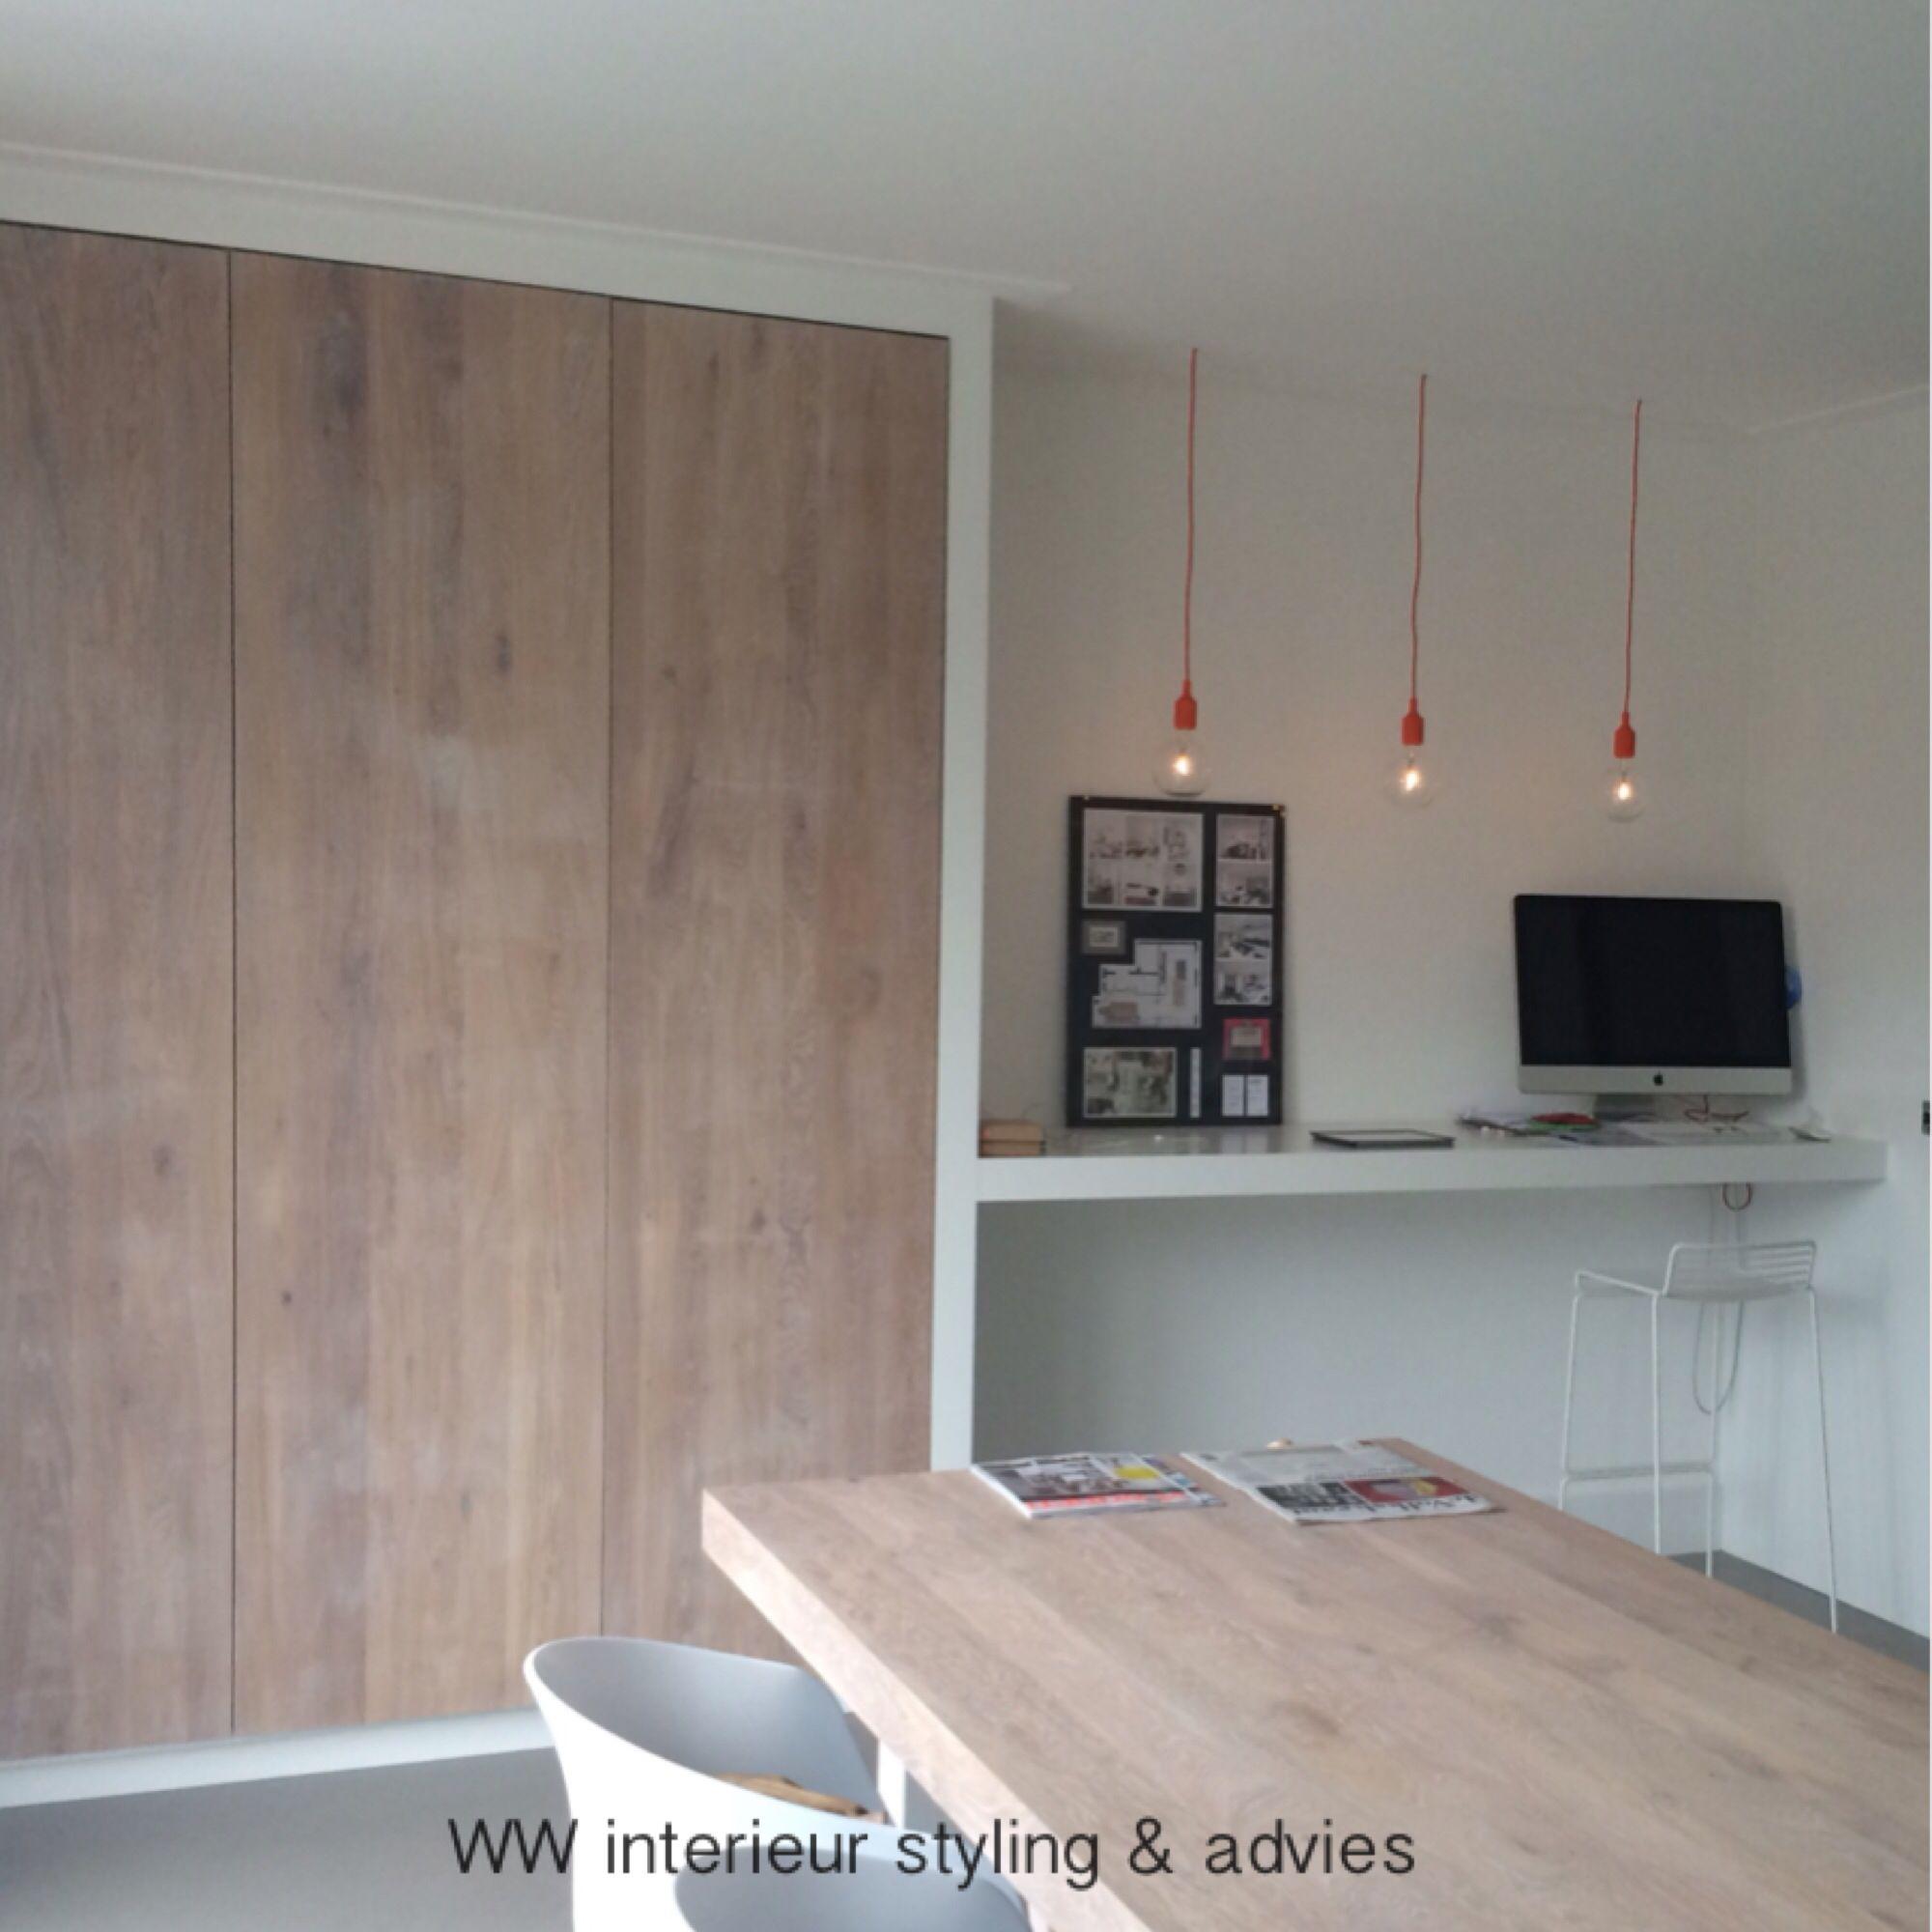 Werkplek & kastruimte in keuken WW interieur styling & advies ...